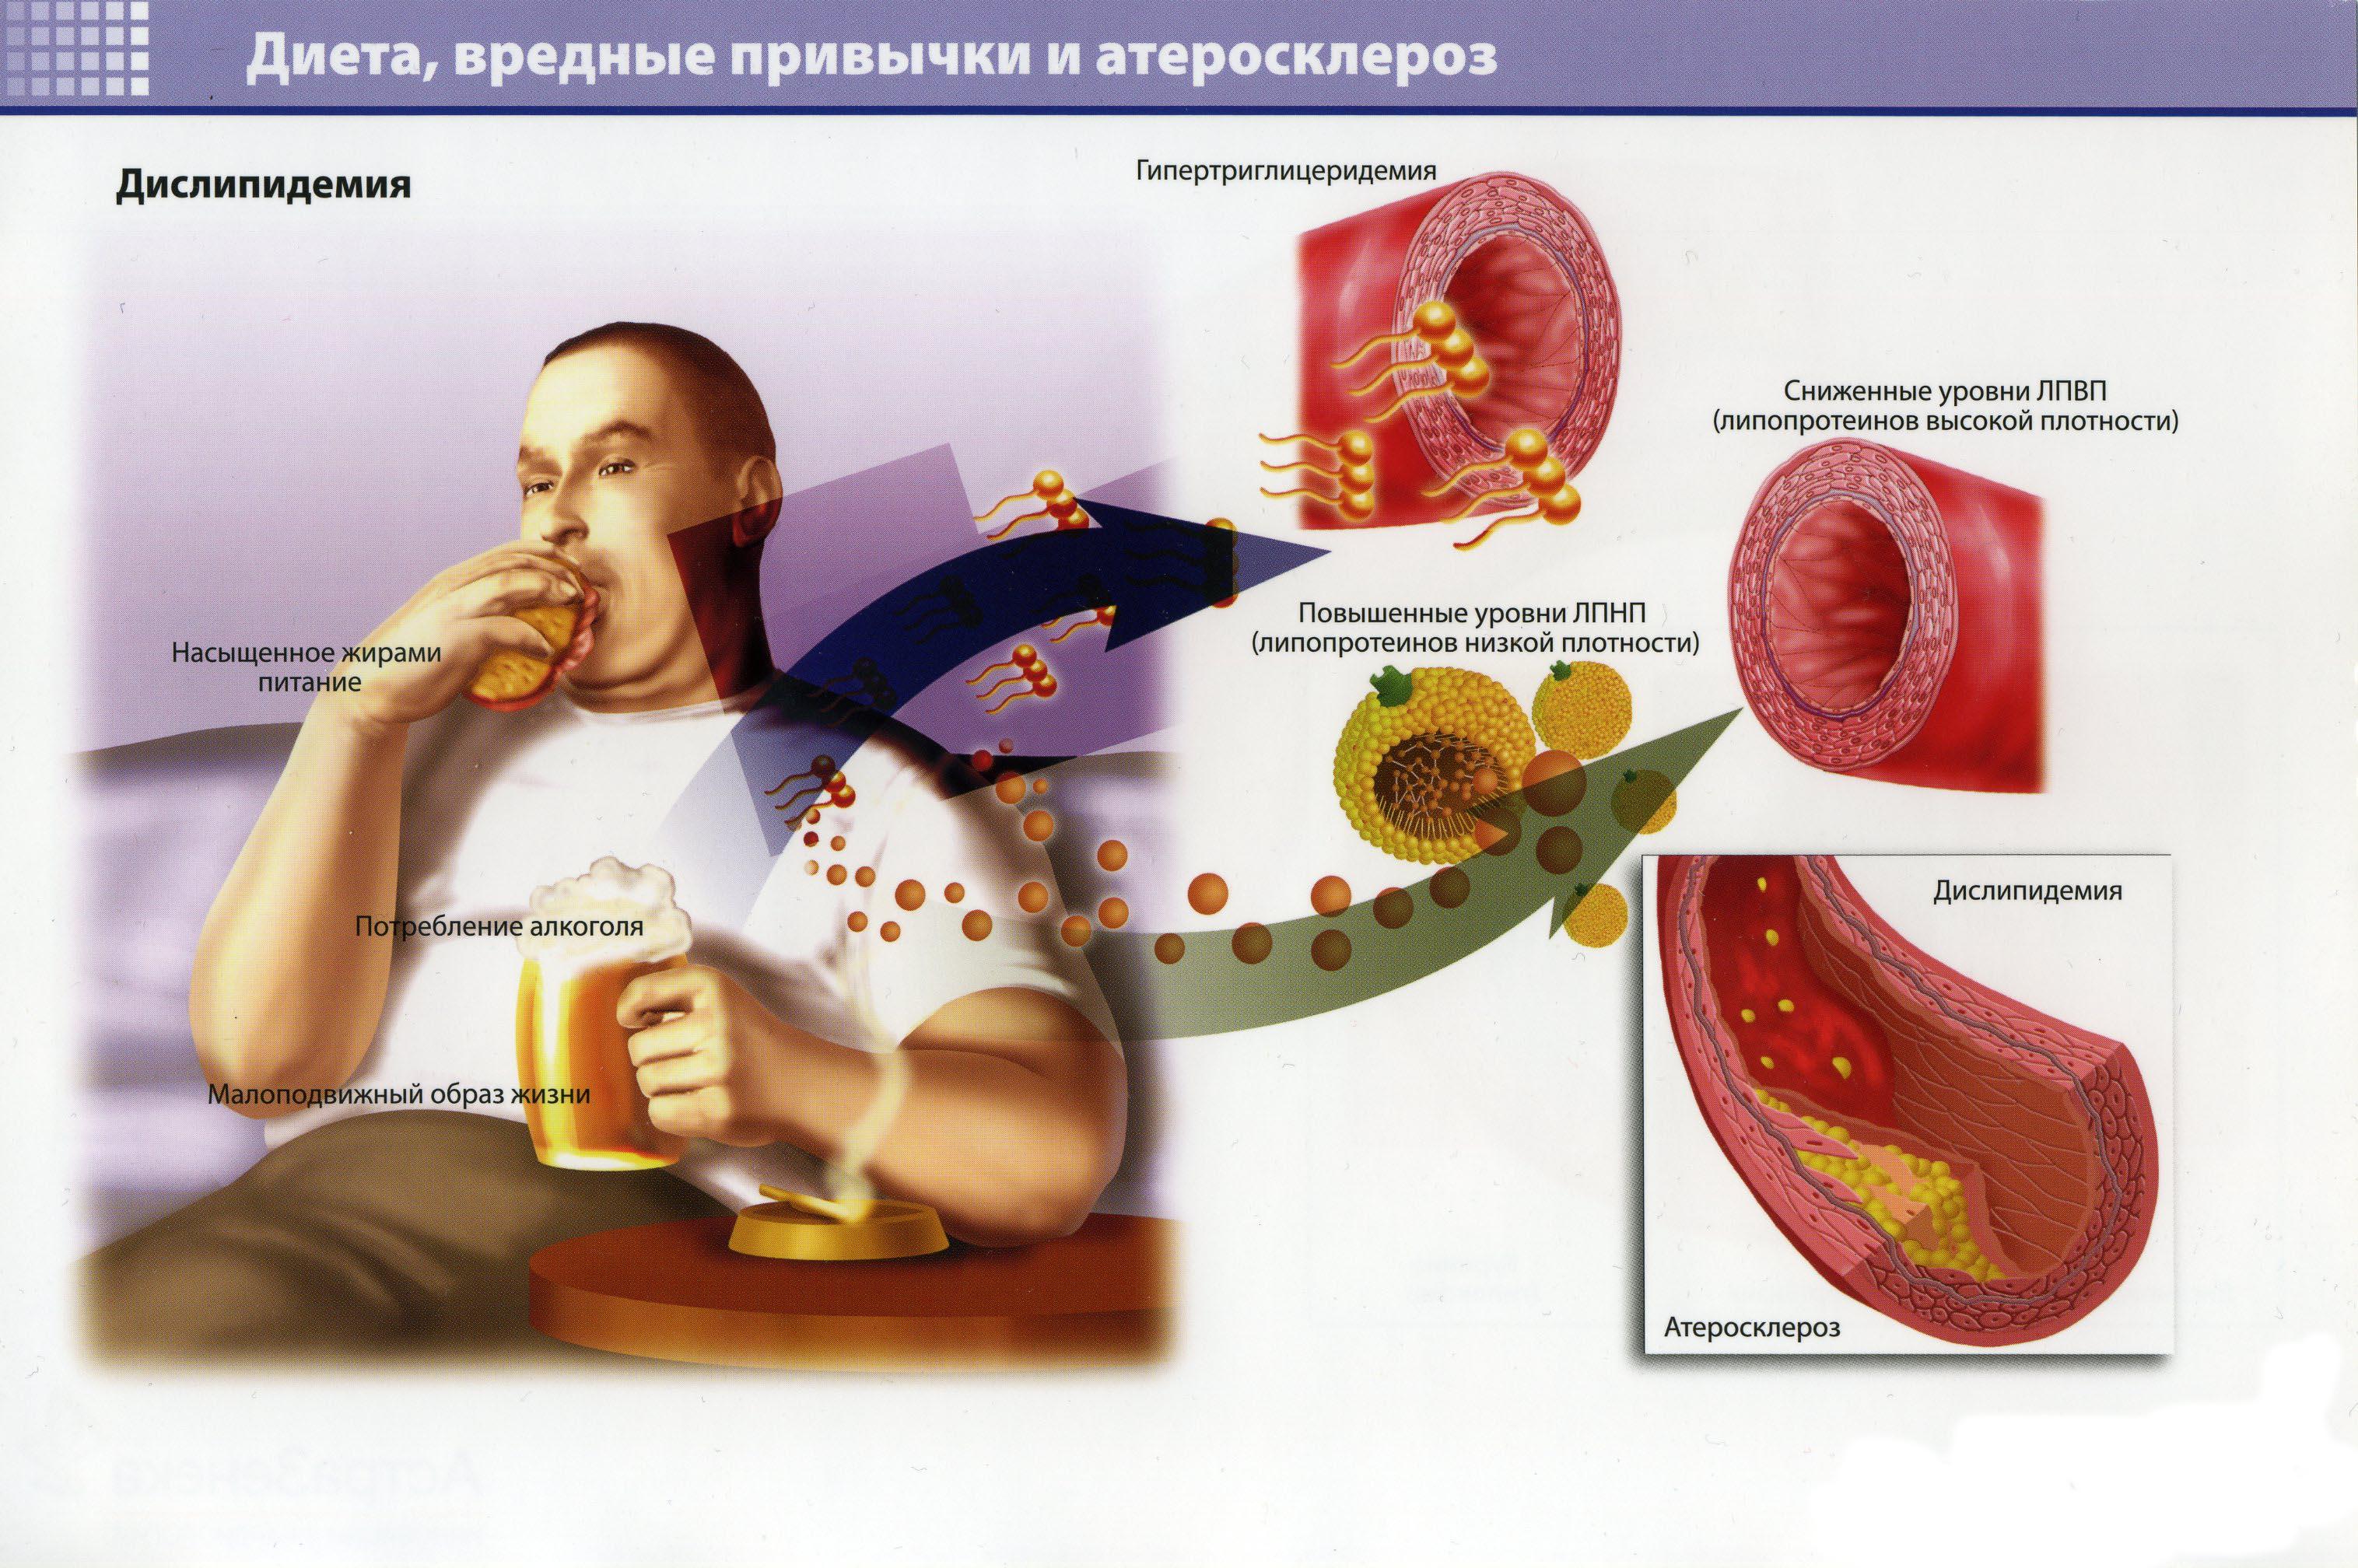 Диета, вредные привычки и атеросклероз